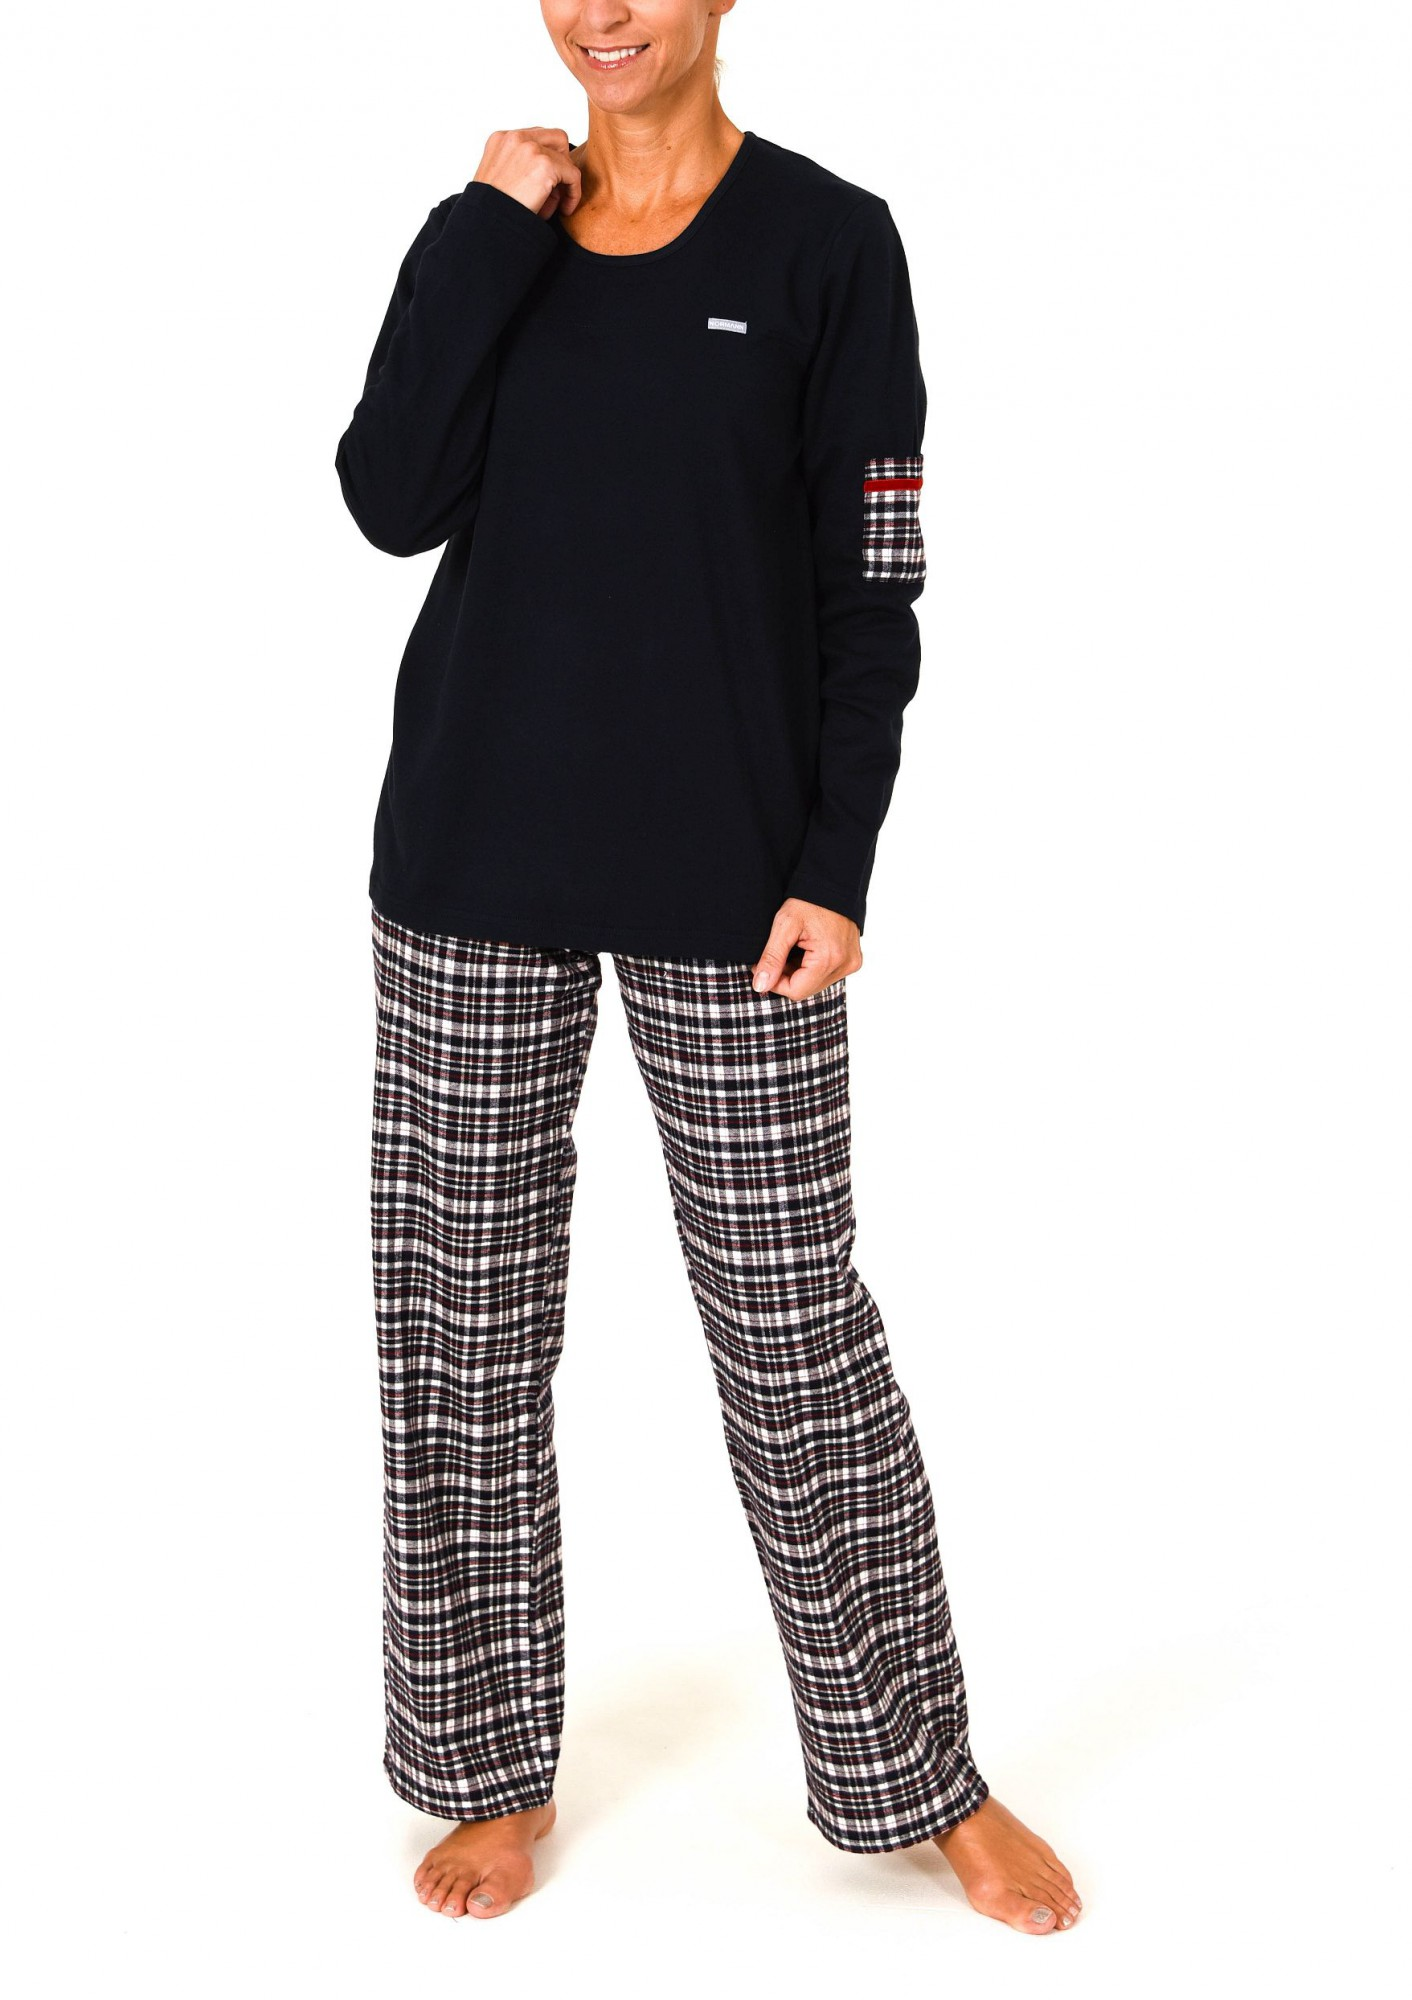 Damen Flanell Pyjama Mix & Match – Hose Flanell Oberteil Interlock -auch in Übergrössen  – Bild 1